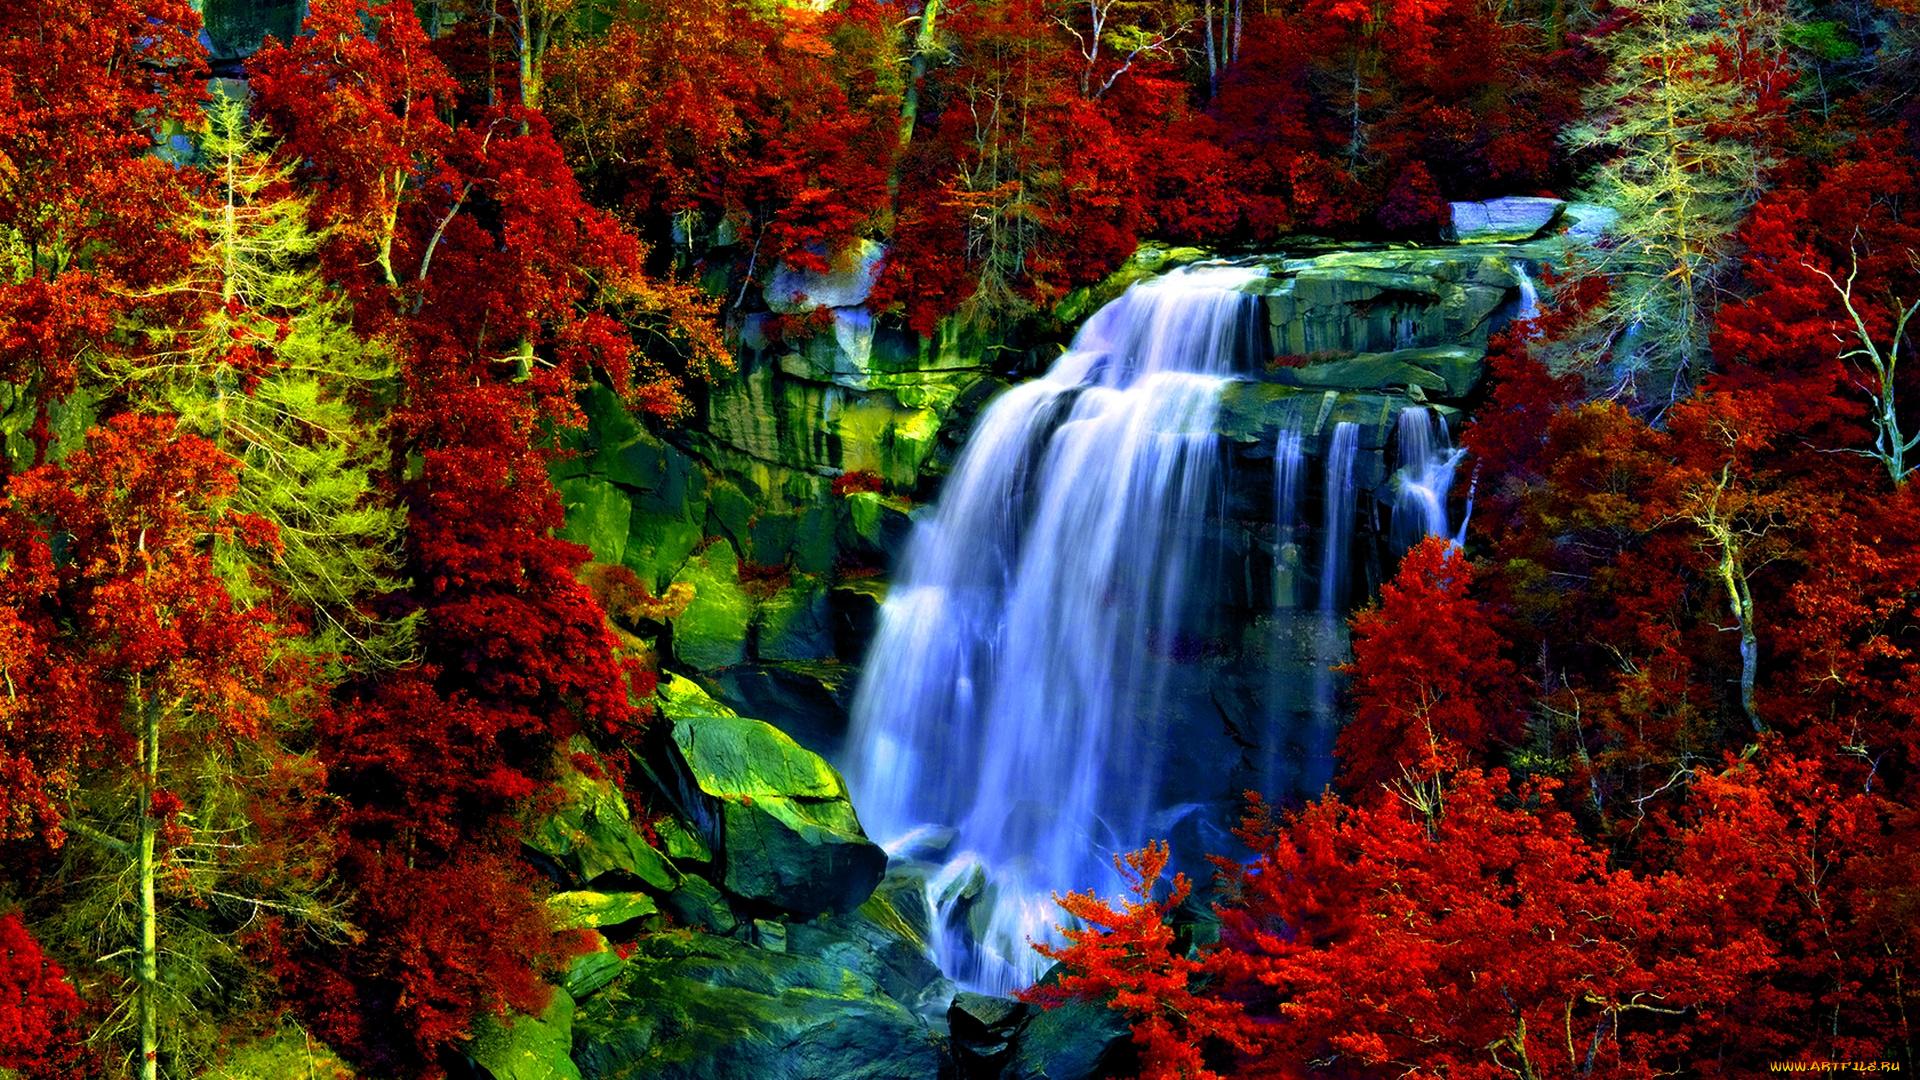 водопад среди деревьев  № 373575 загрузить